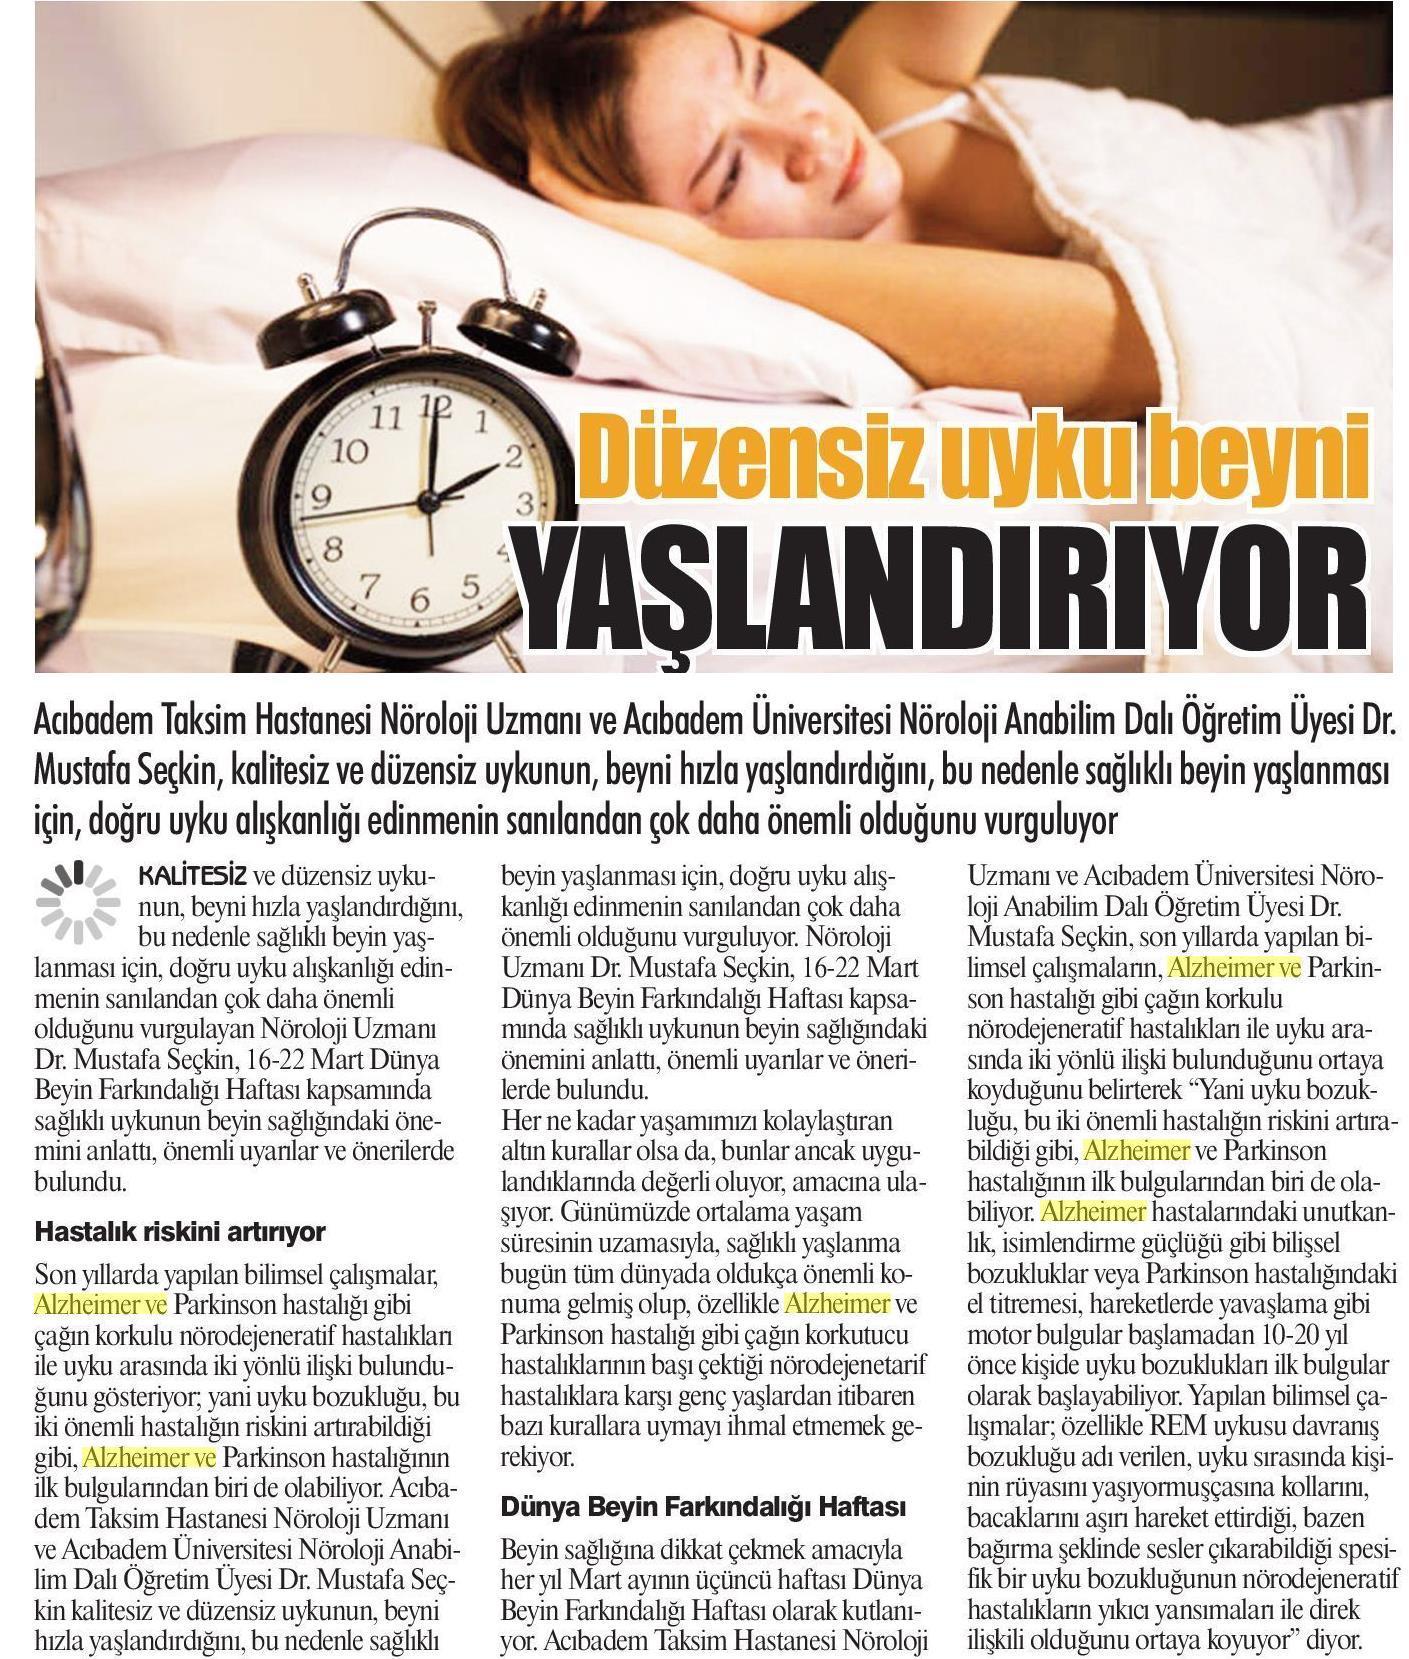 Düzensiz Uyku Beyni Yaşlandırıyor